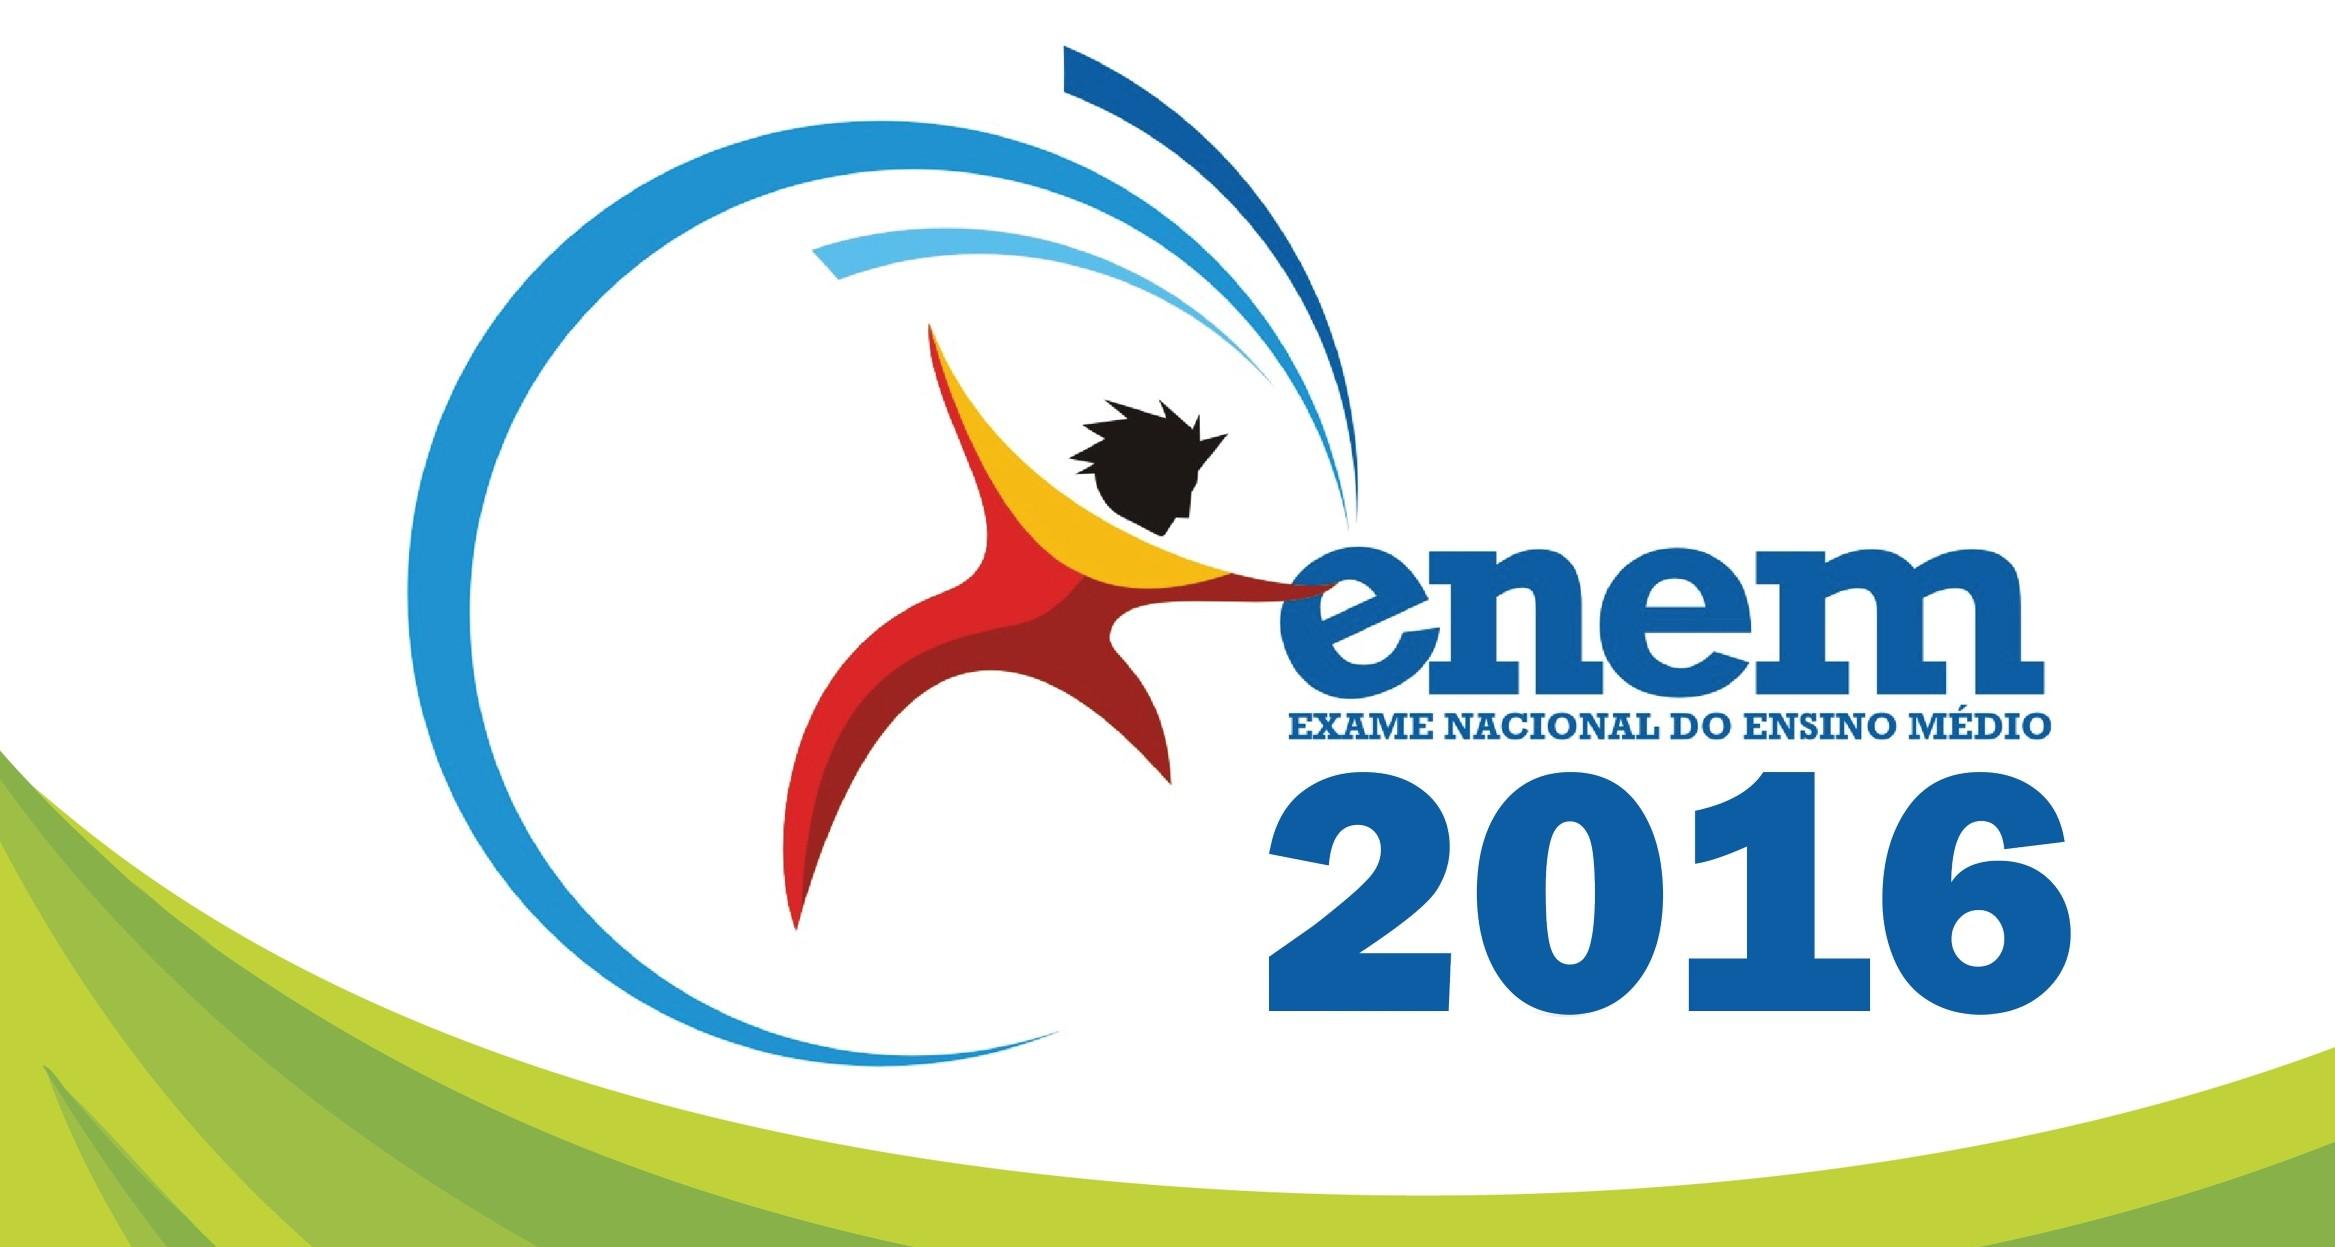 ENEM 2016 – Inscrições começam nesta segunda-feira (9/5)